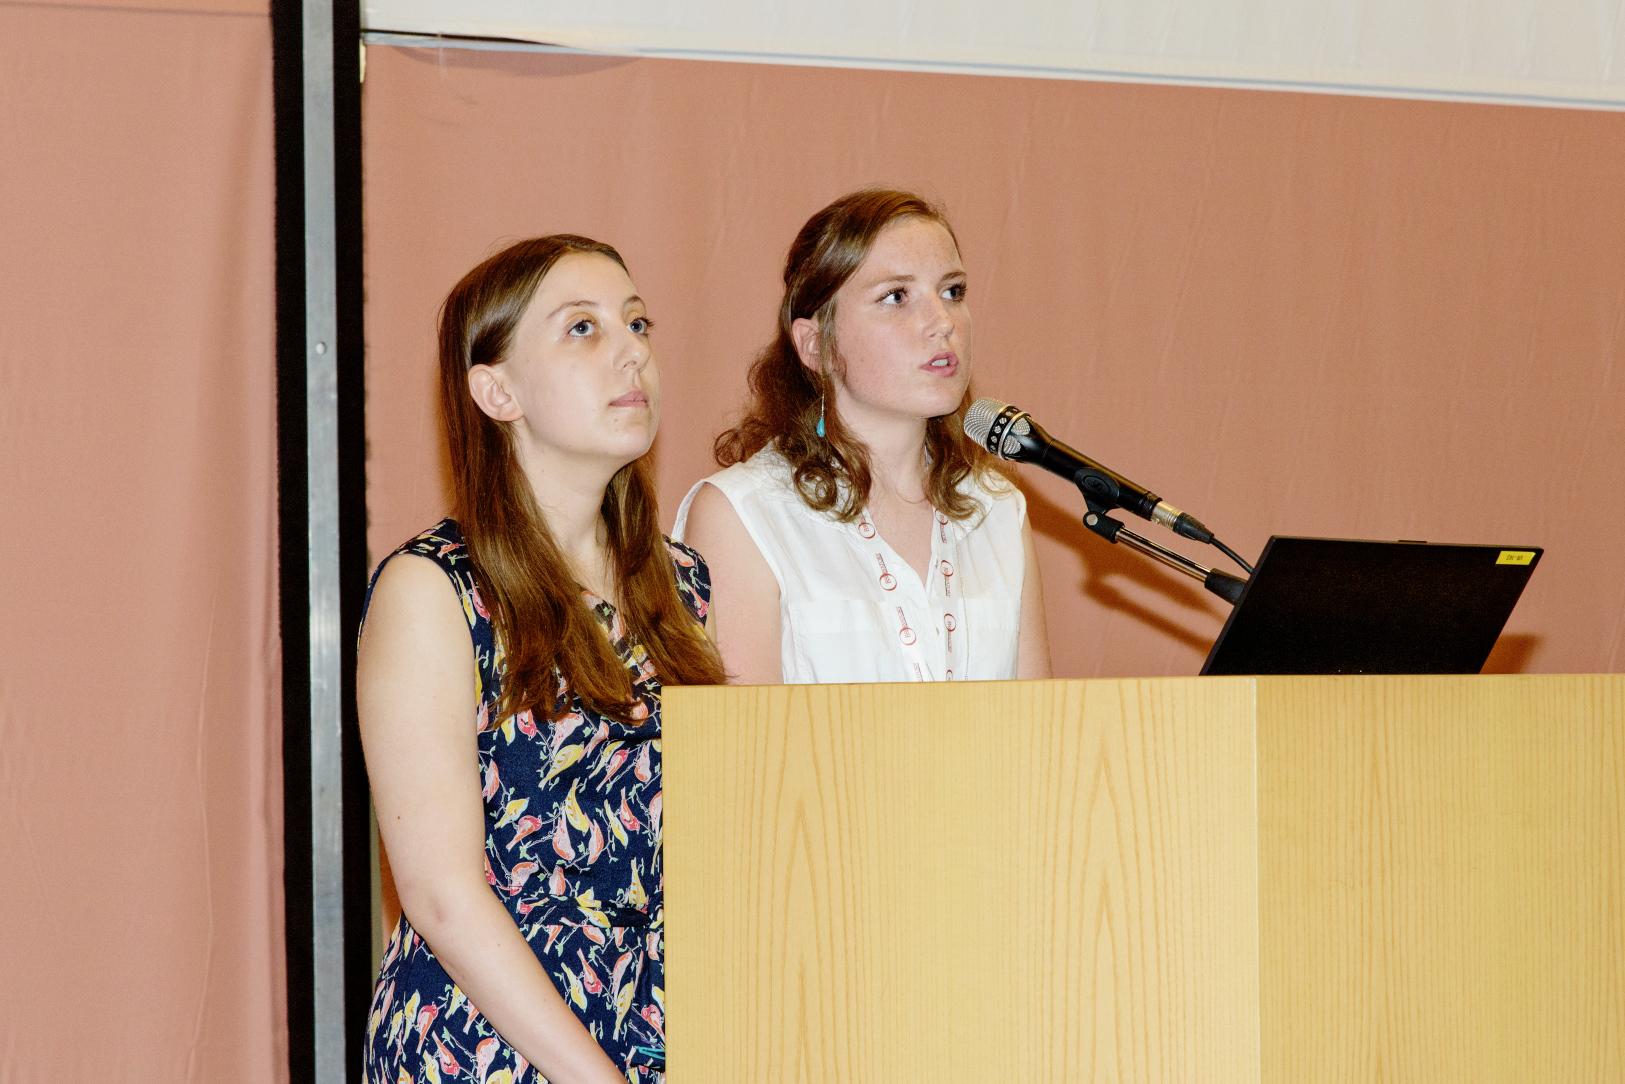 Speaking at the Magna Charta Universitatum.